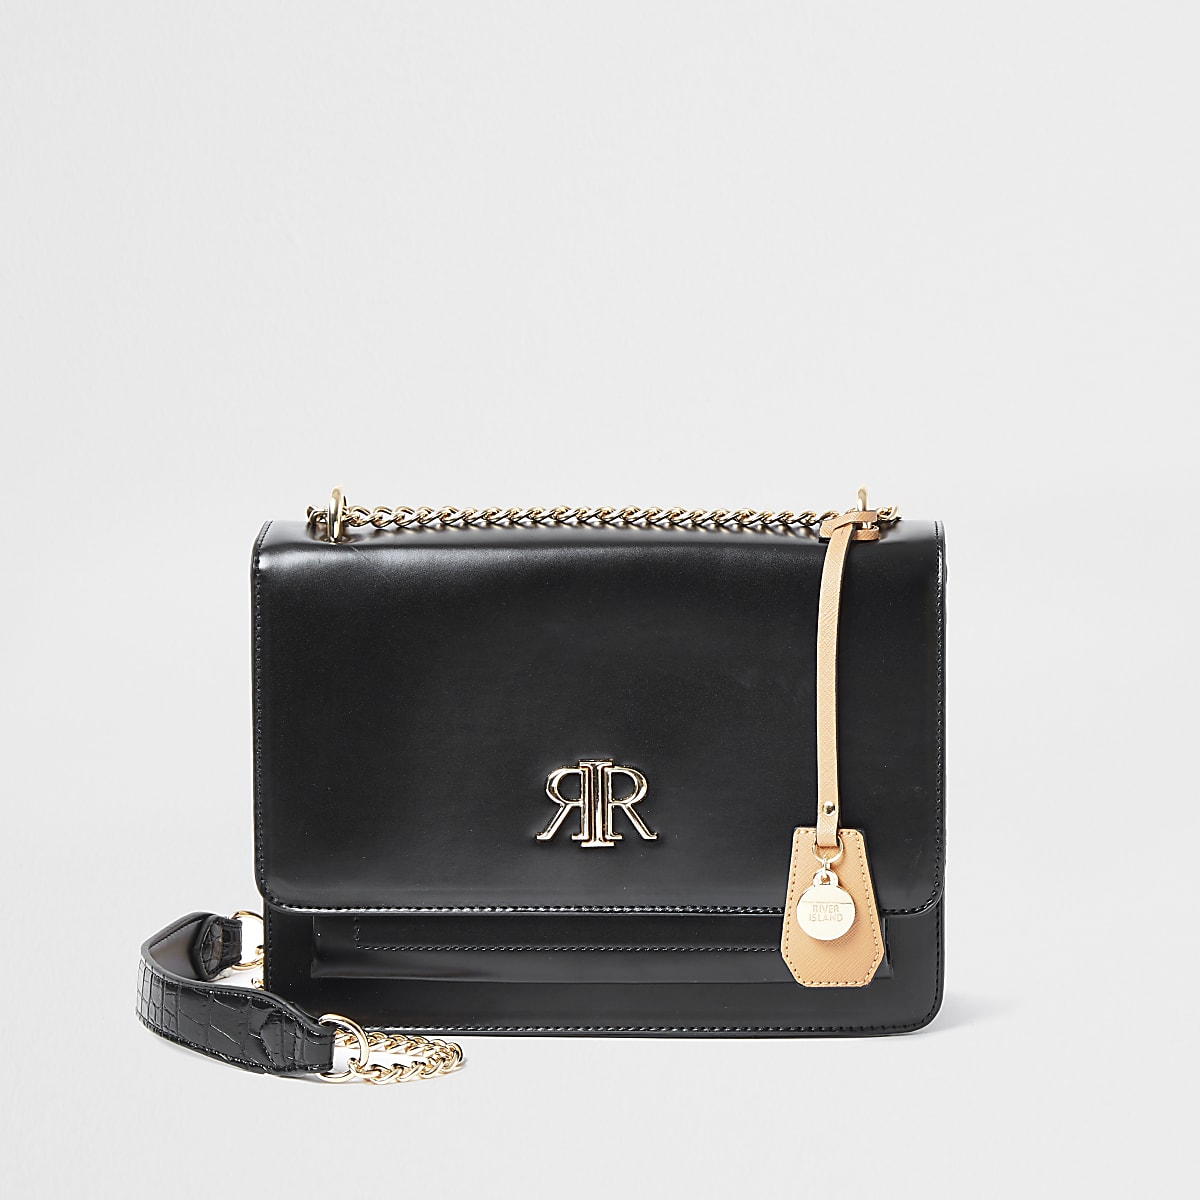 Zwarte onderarmsatchel met RI-logo